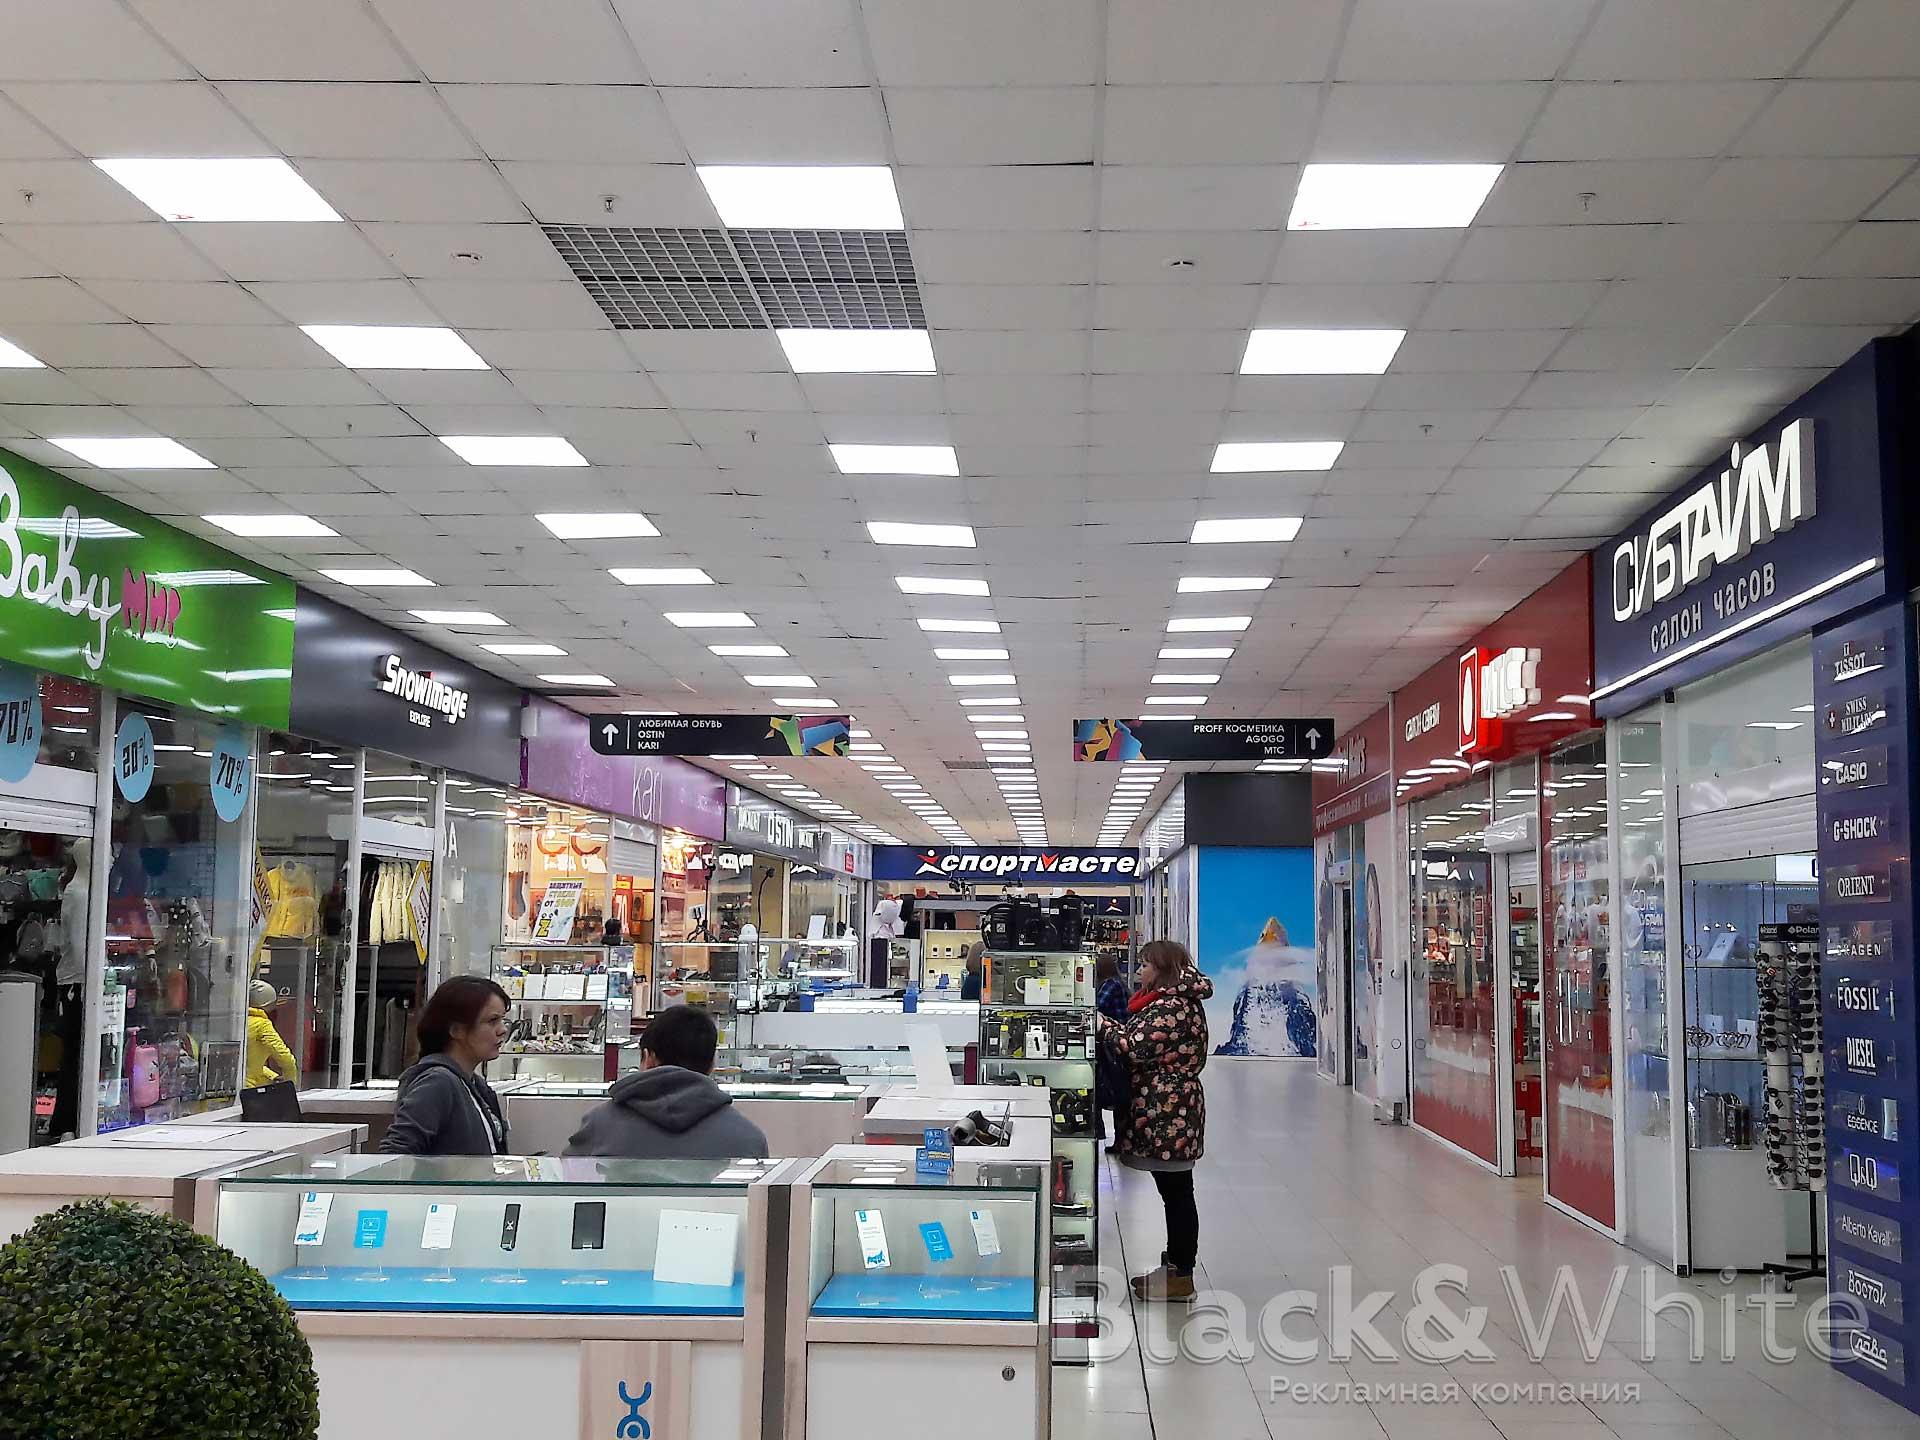 Навигационные-указатели-в-торговый-развлекательный-центр-в-Красноярске.jpg